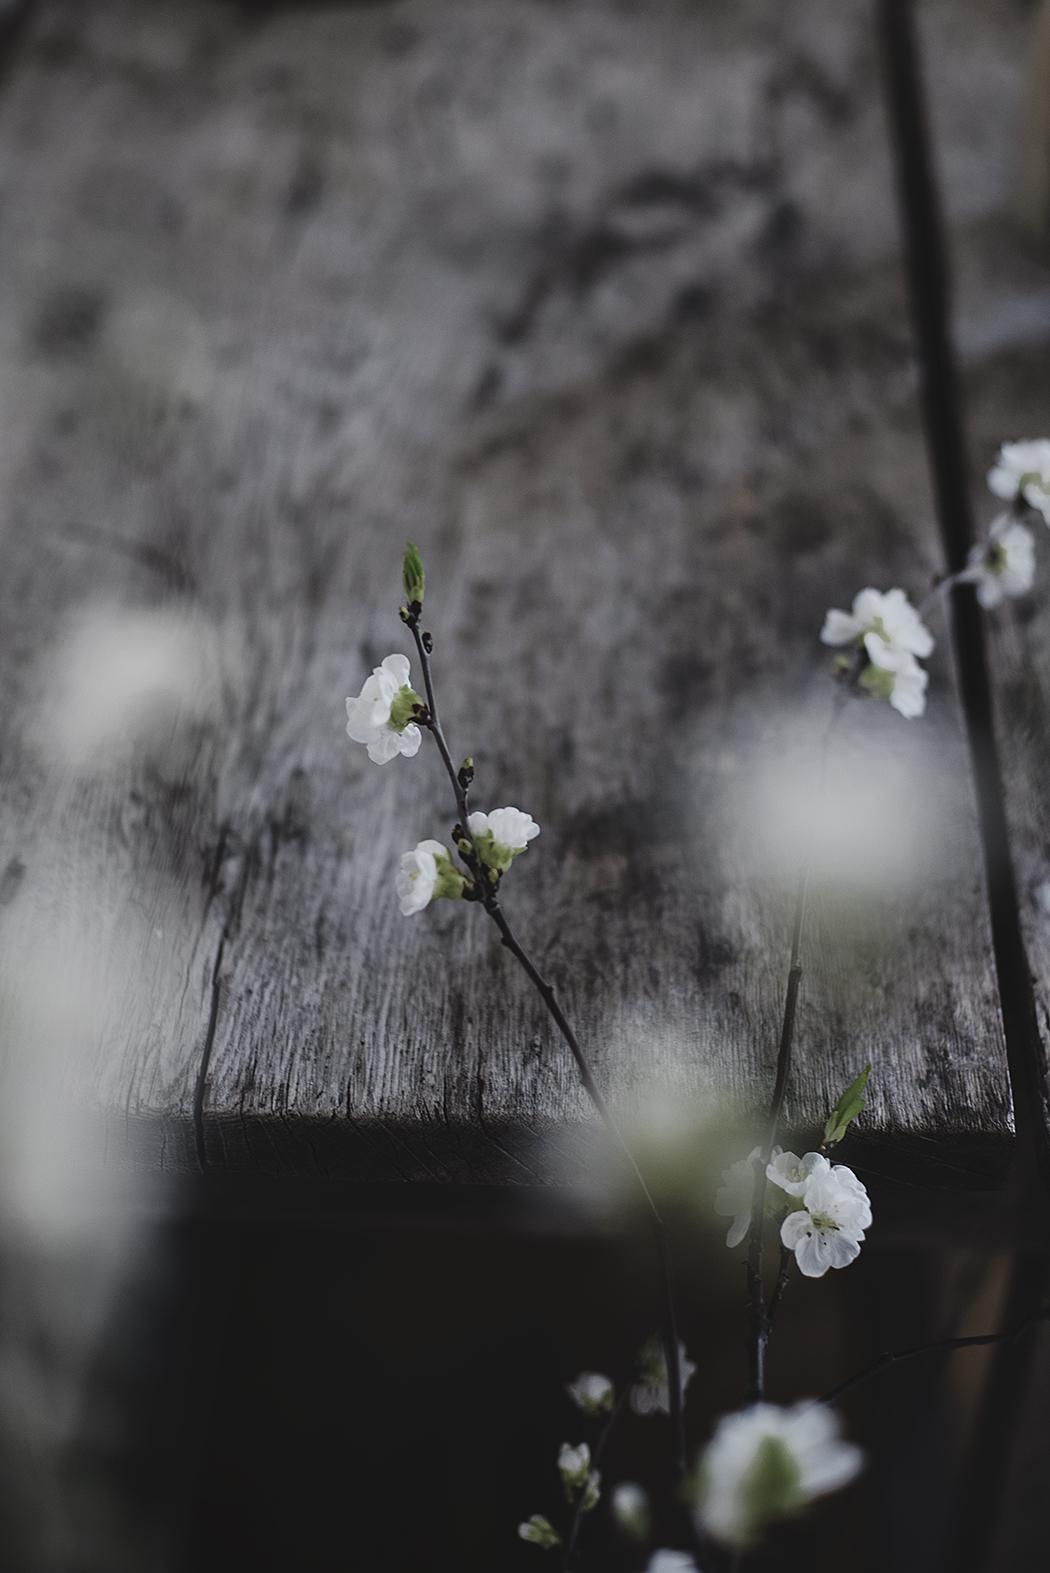 klarbärsblom